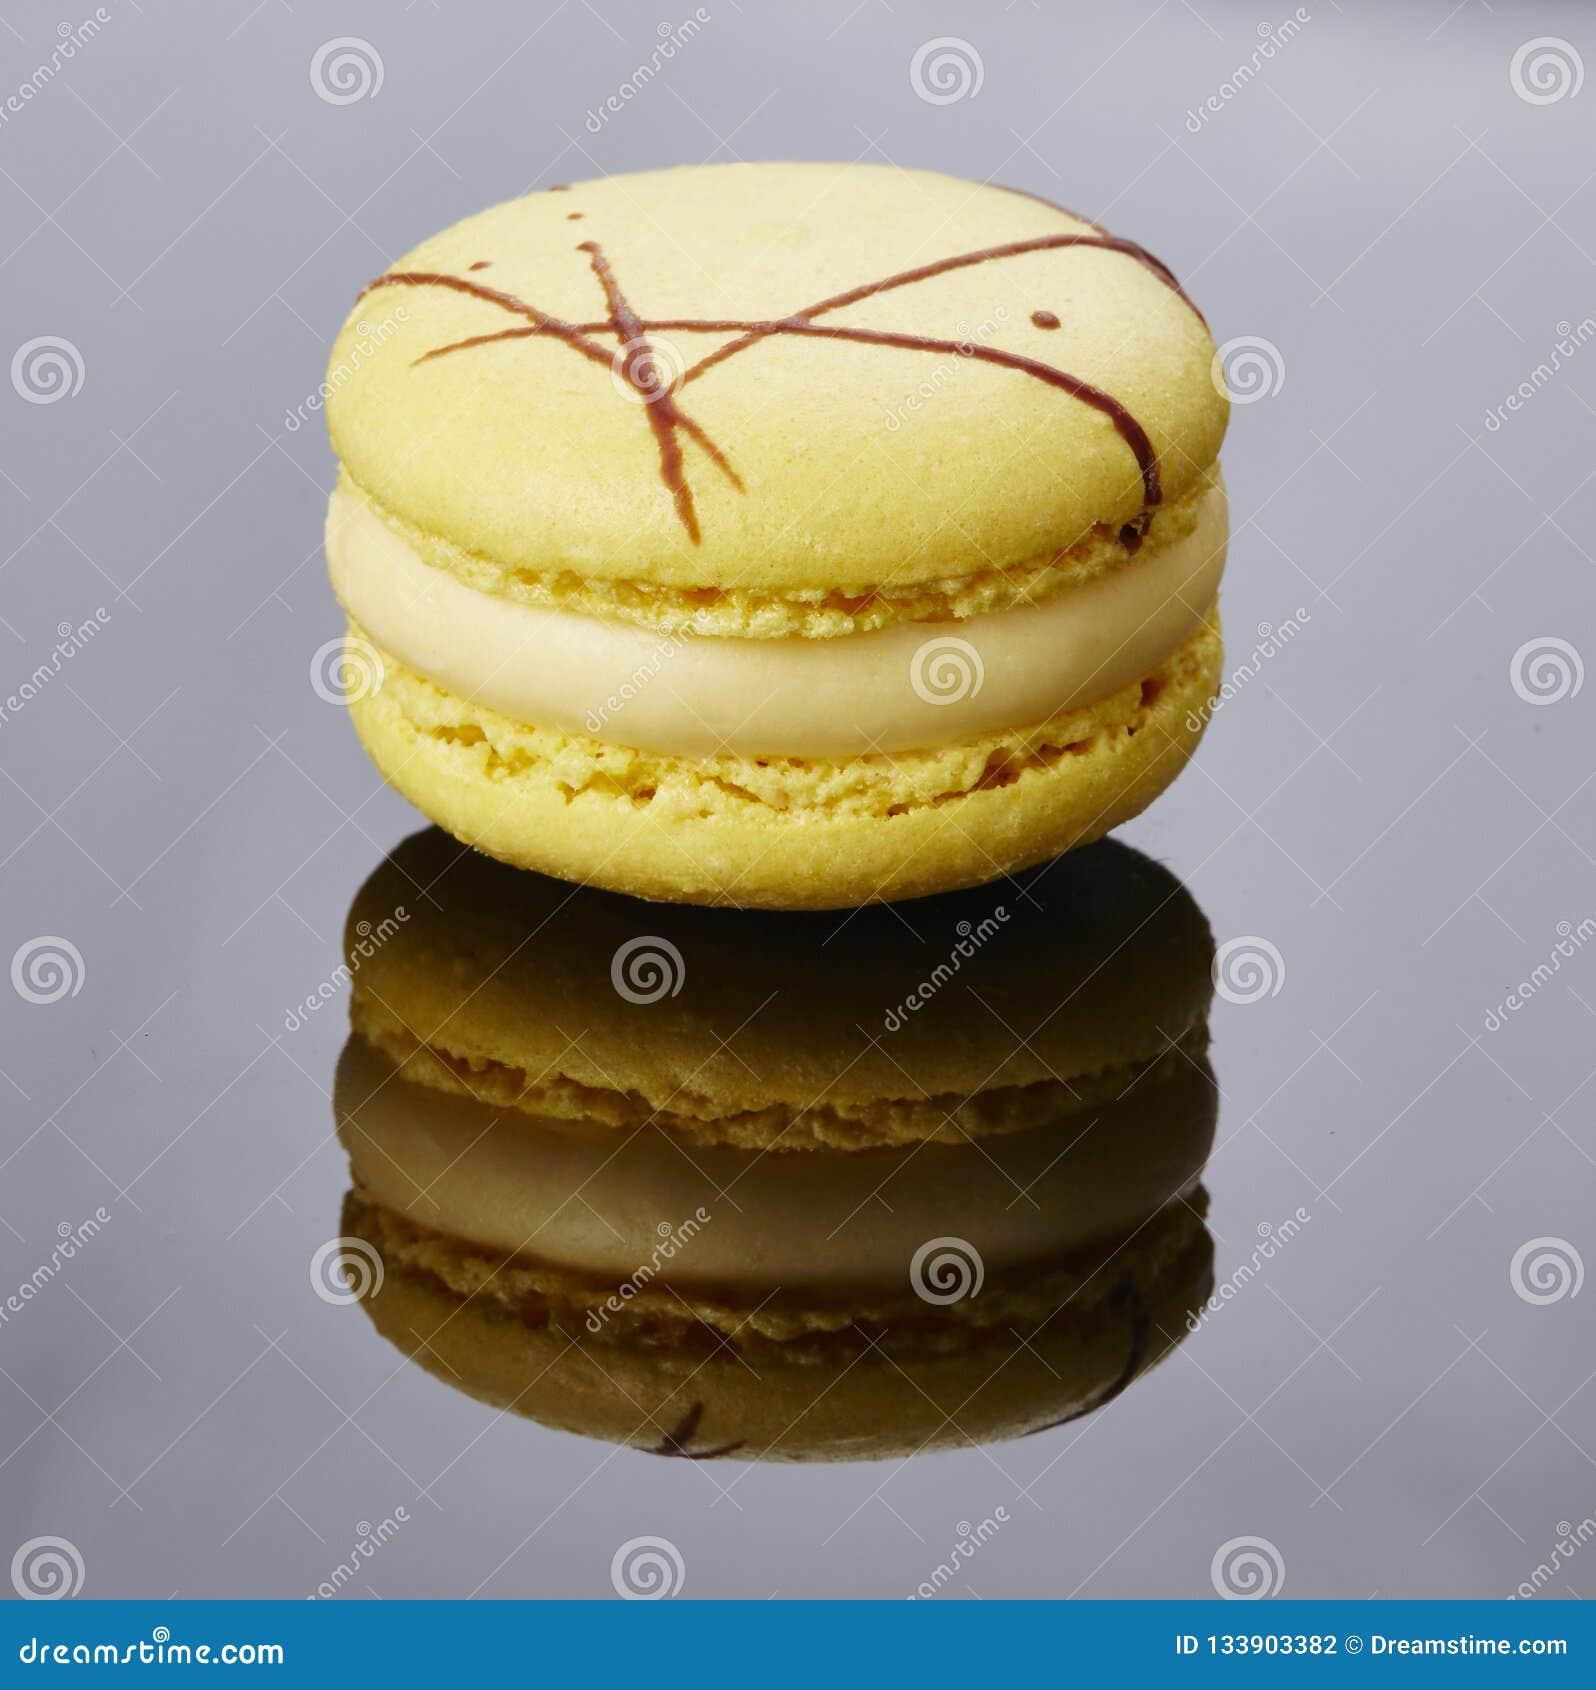 Macaronï ¼ Œ round, barwiony ciastko składa się buttercream lub ganache